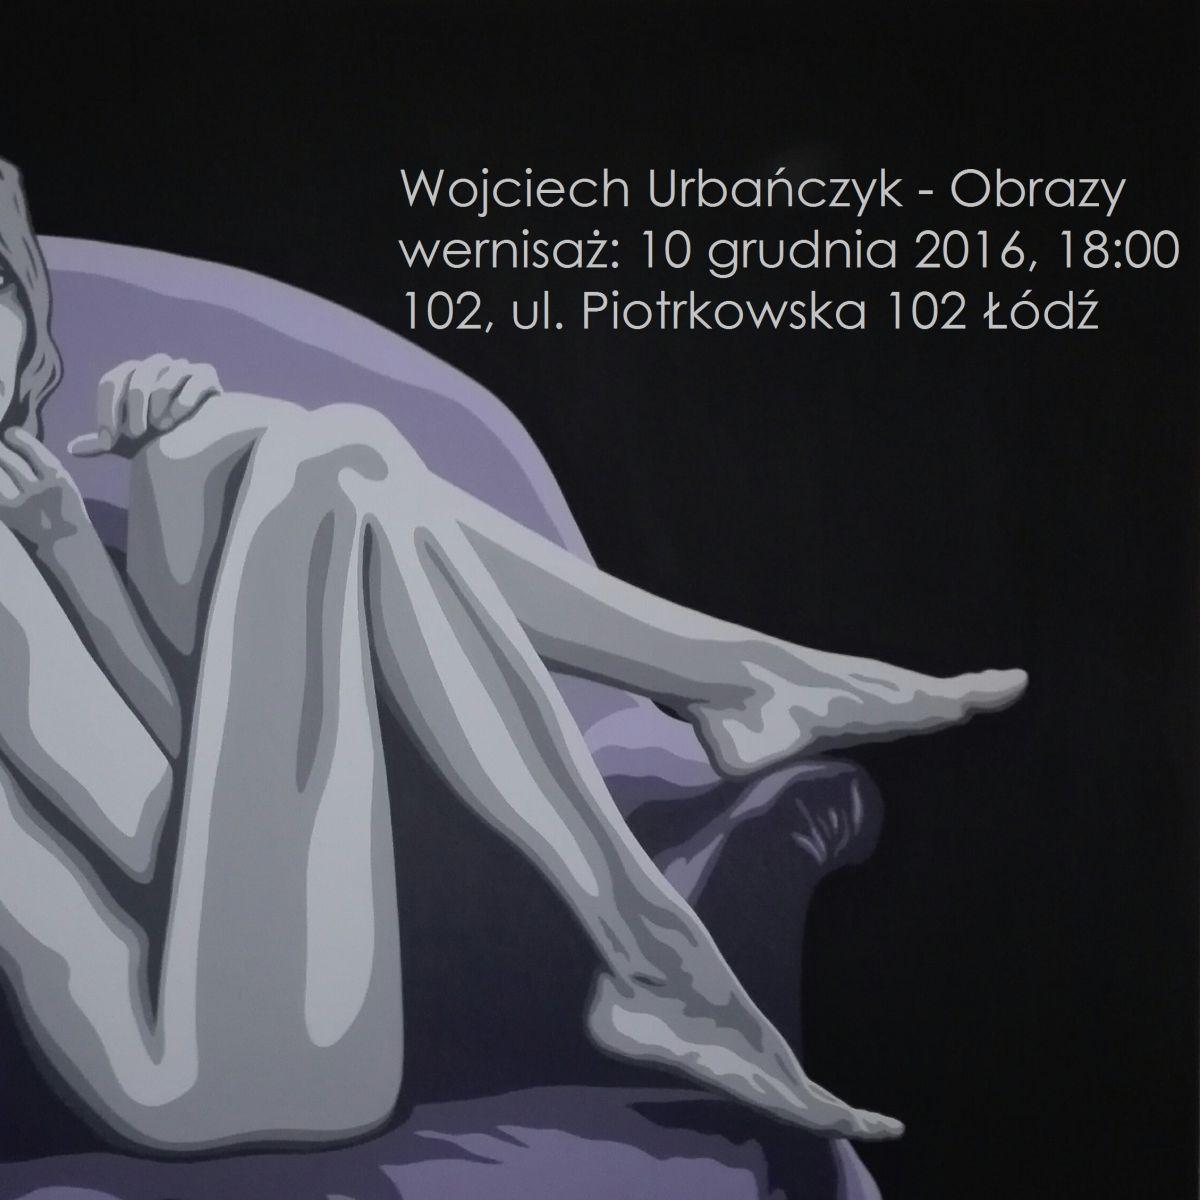 Wojciech Urbańczyk - Obrazy